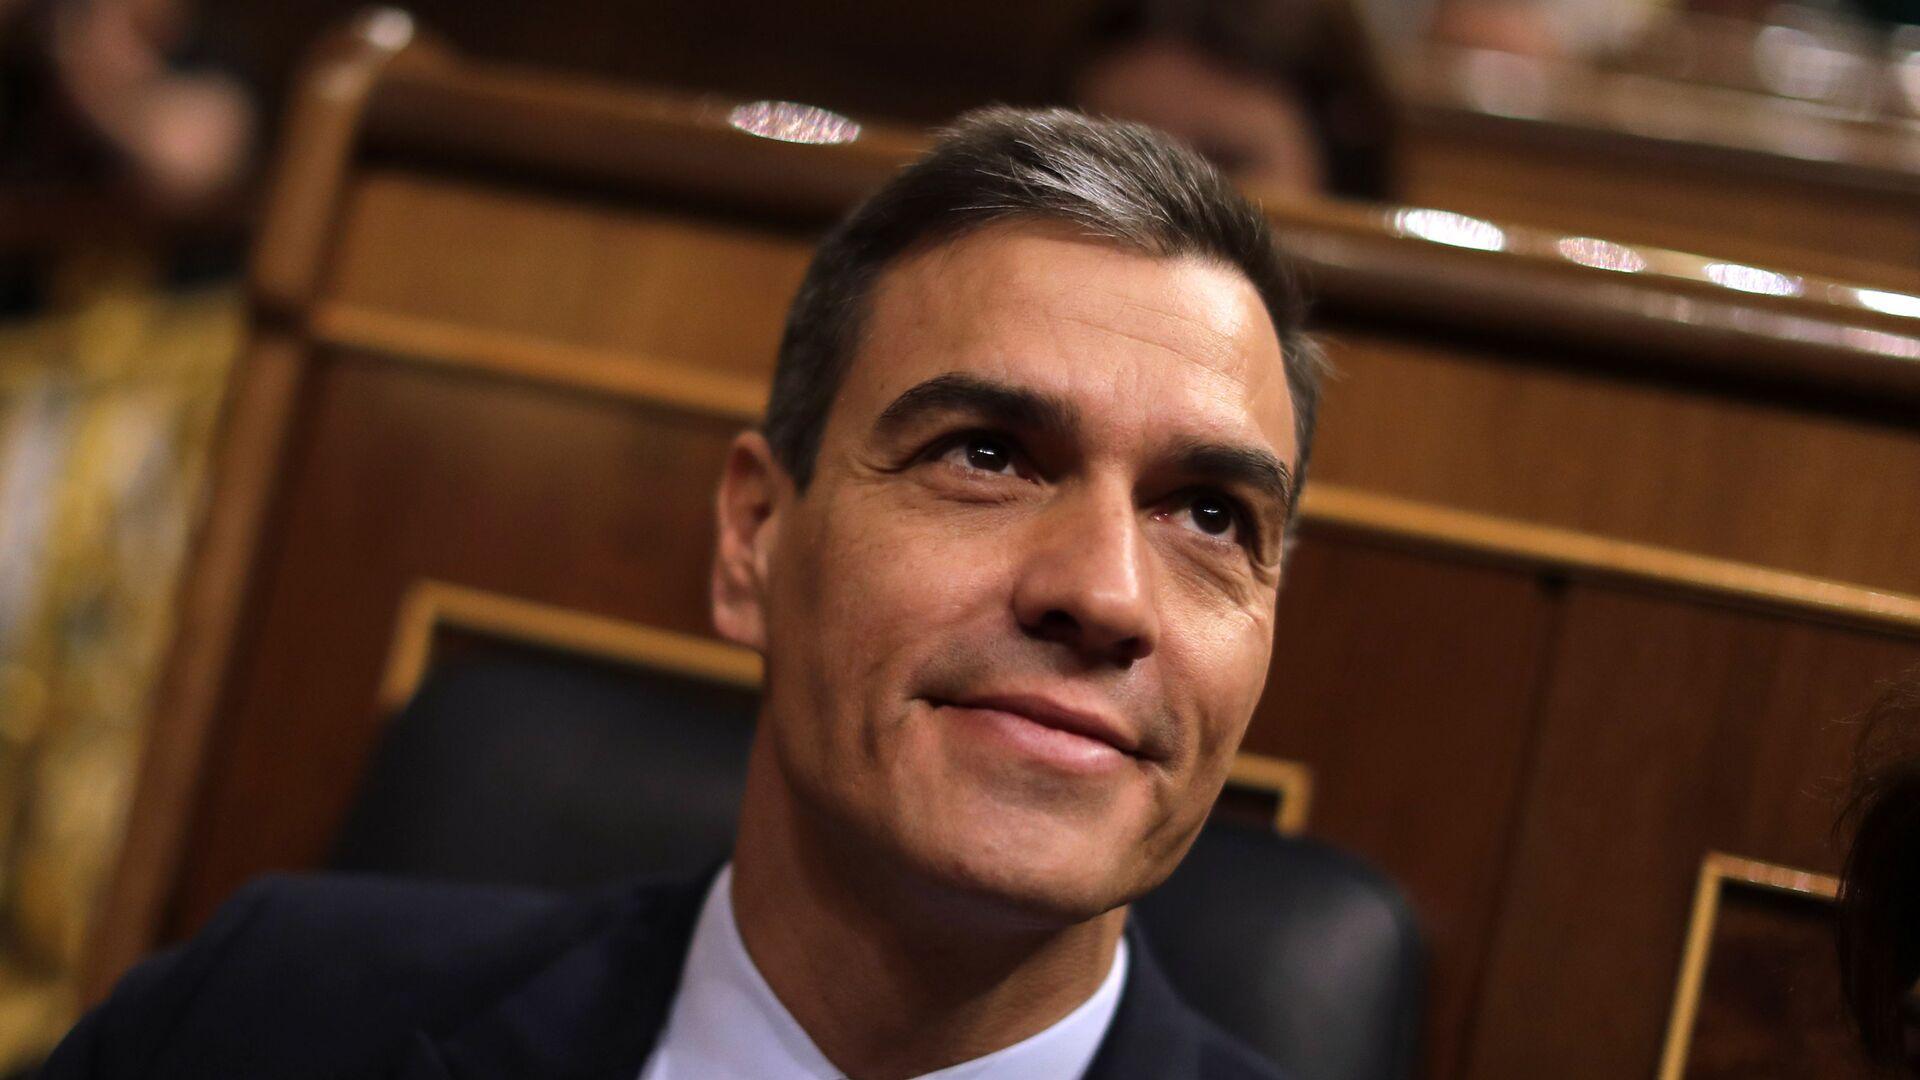 Pedro Sánchez, el presidente del Gobierno español en funciones - Sputnik Mundo, 1920, 19.04.2021